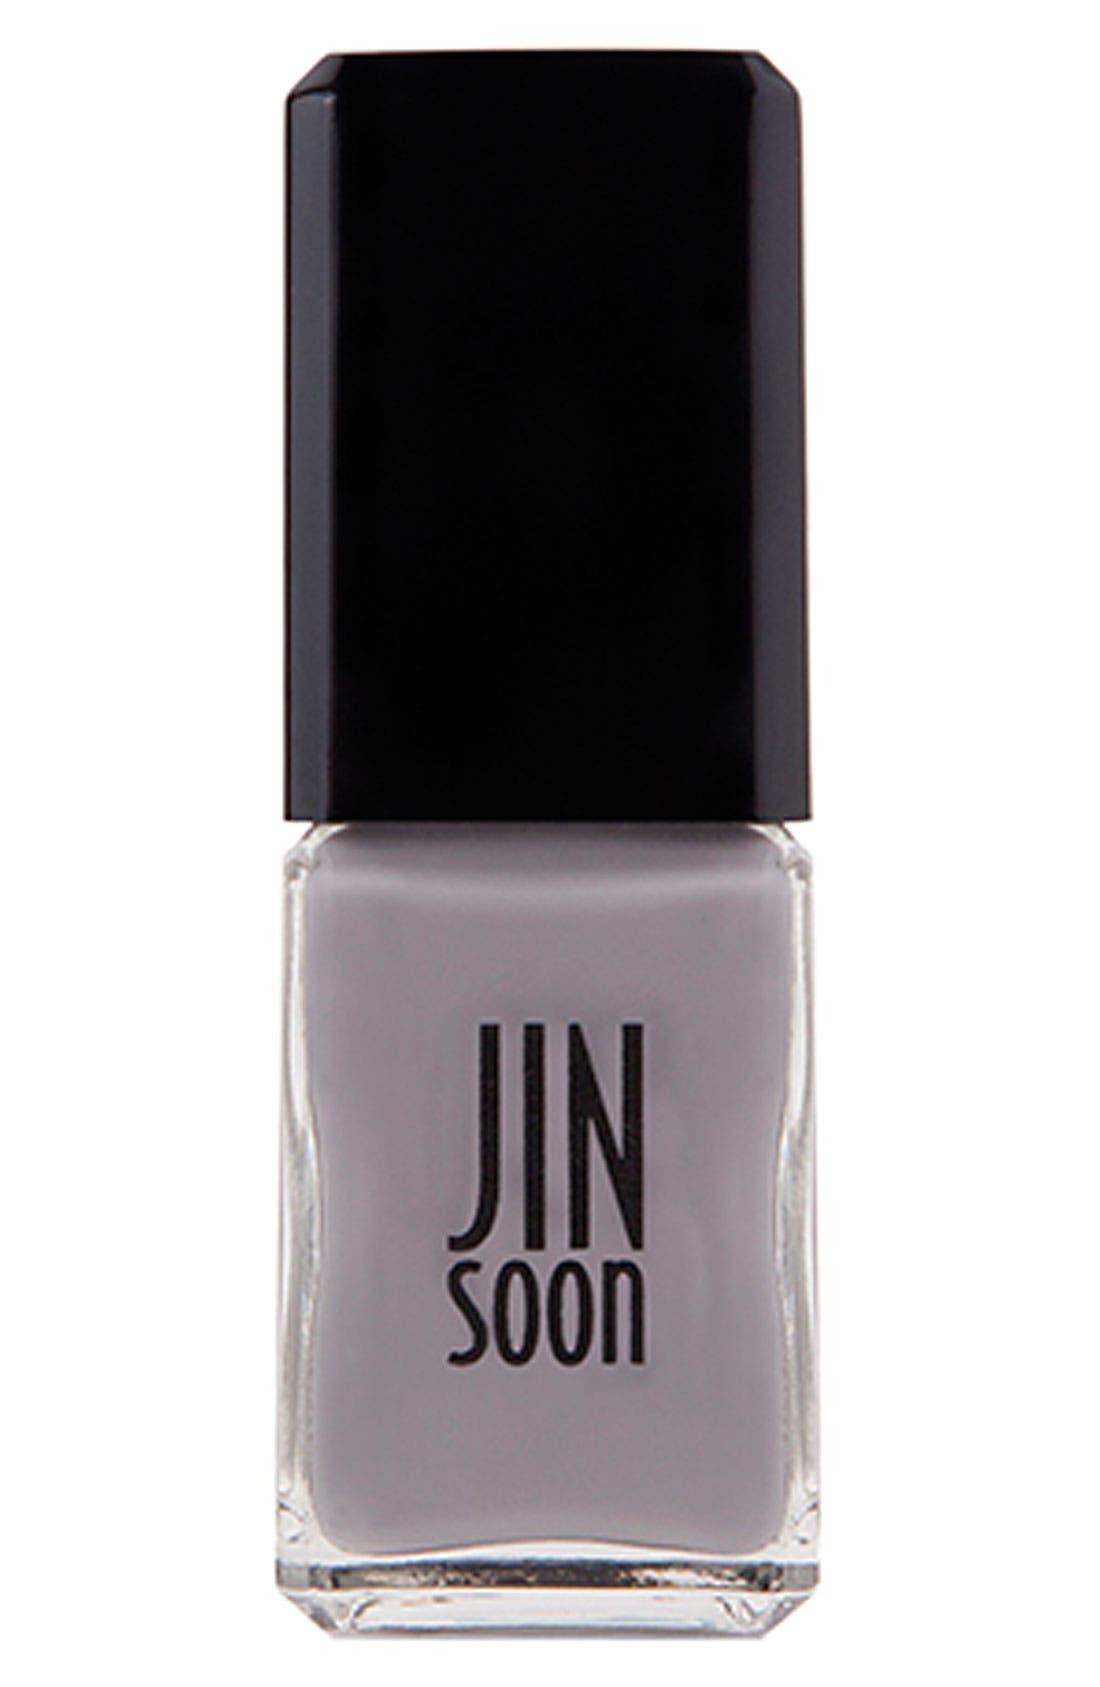 JINsoon 'Auspicious' Nail Lacquer